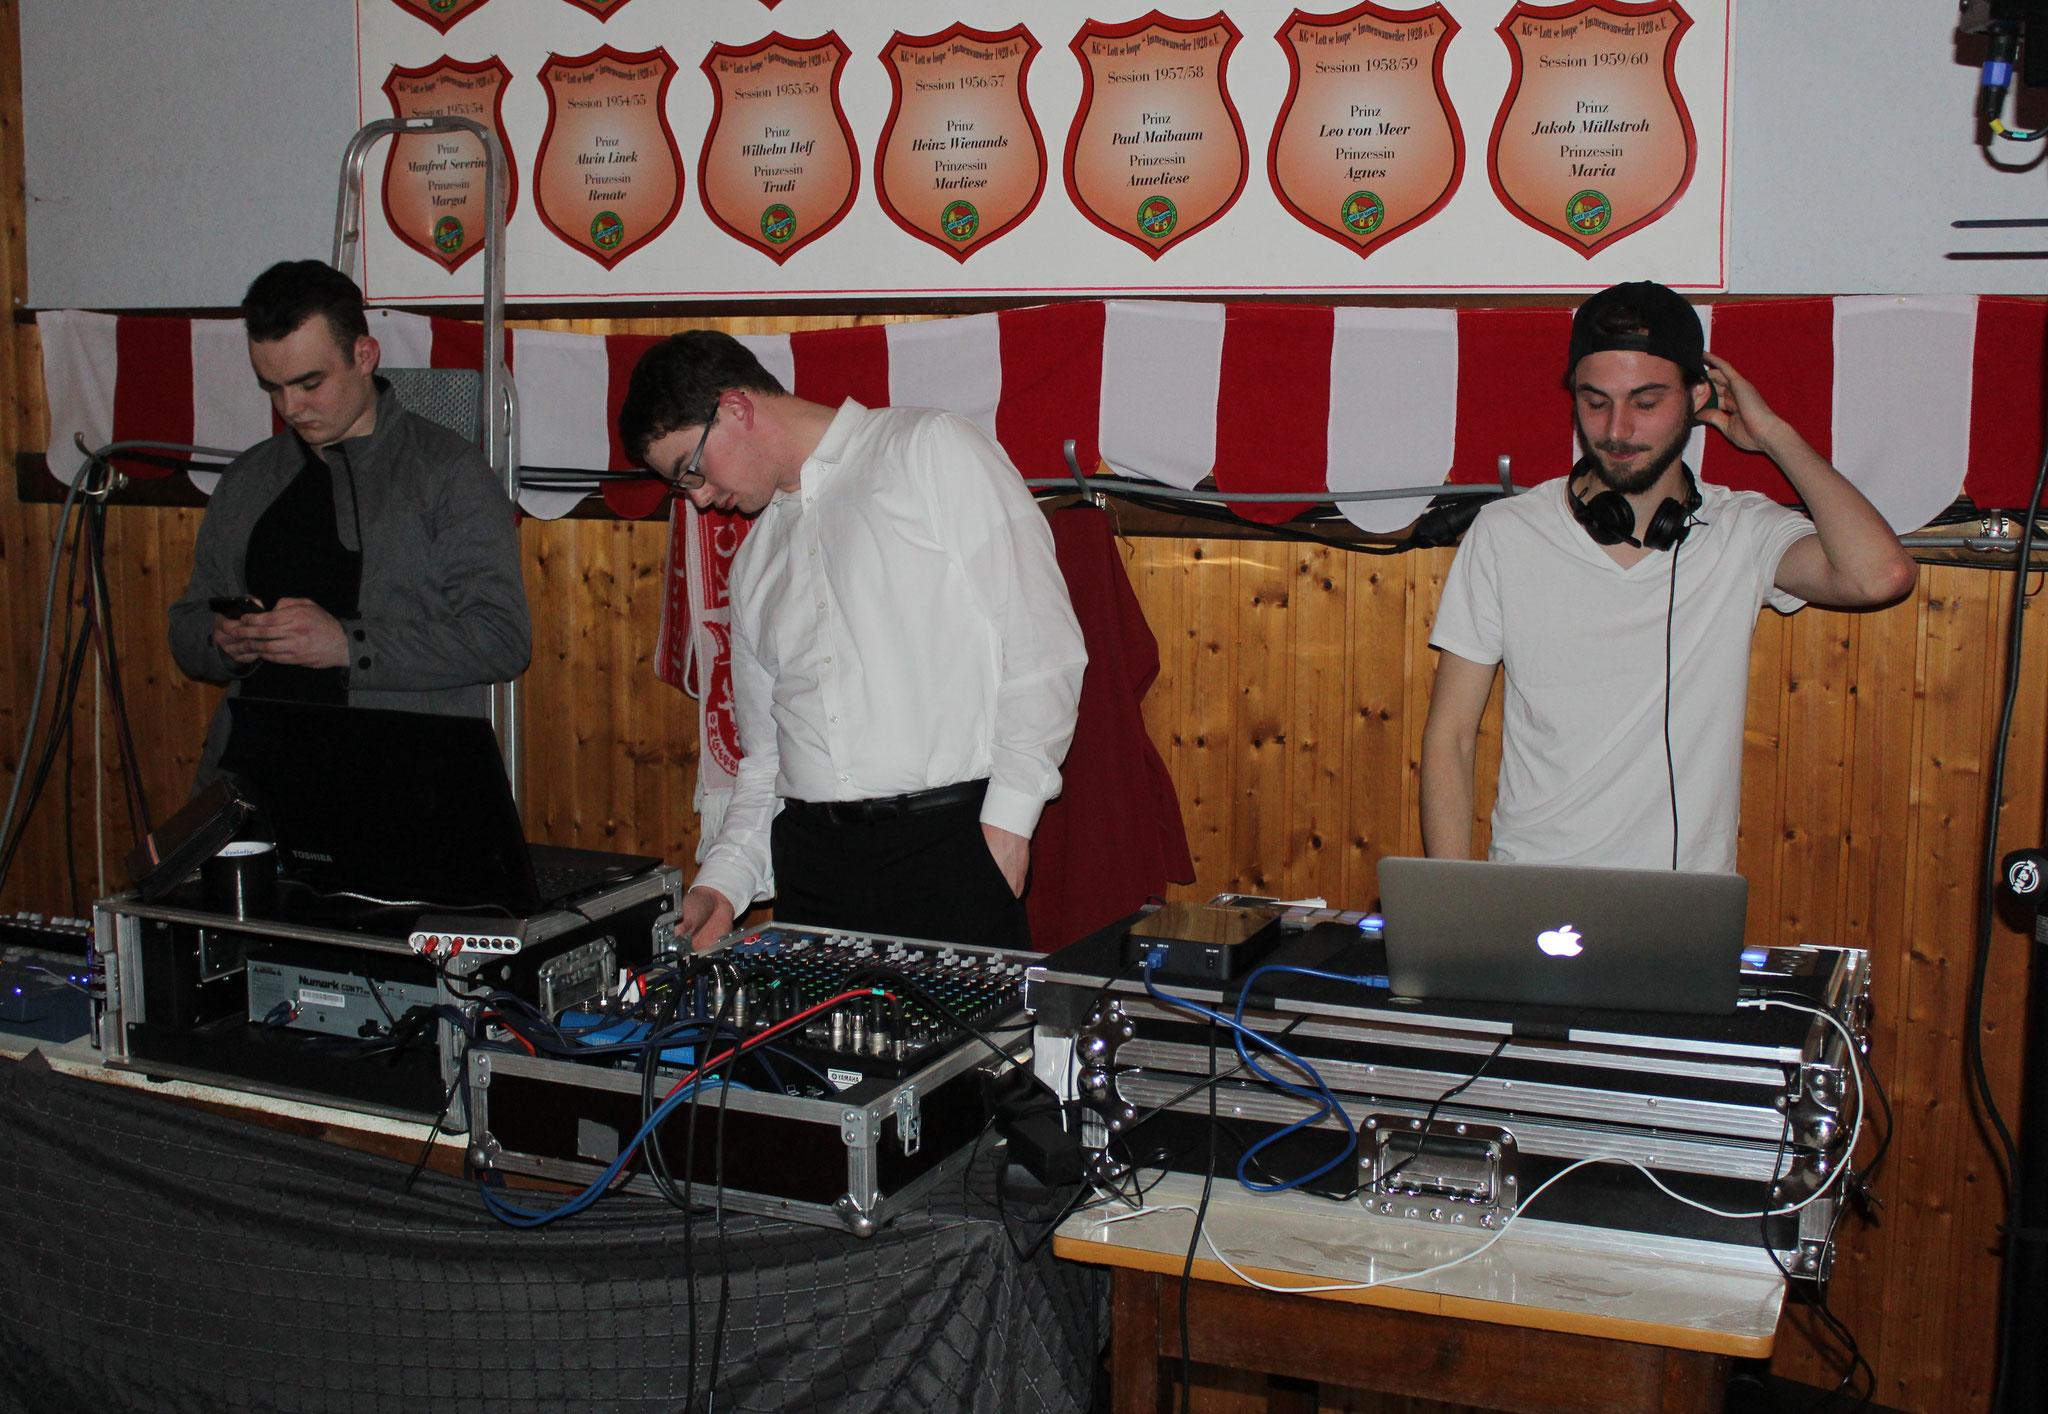 """Obwohl samstags auch diese """"Technigger"""" dabei waren. Rechts, der DJ, guter Mann! Und die Jungs am Licht: Schappoh!"""